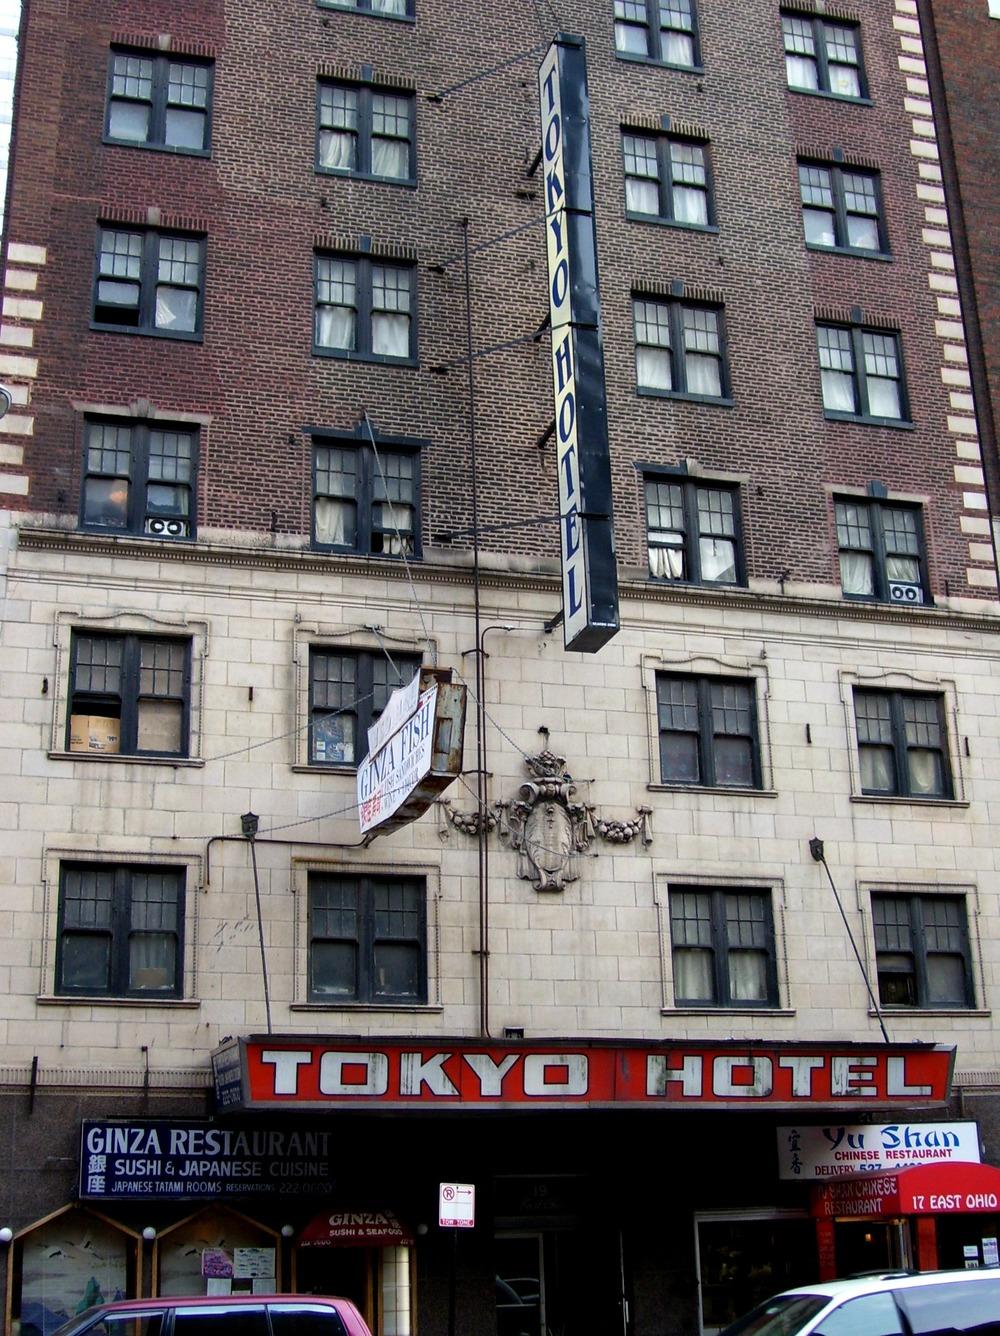 Valitettavasti nämä ovat ainoat kuvat joita minulla oli tallessa, ja nekin on otettu vuosia myöhemmin kun satuin kävelemään Tokyo Hotellin ohi Chicagossa ollessani. Tiedän, että jokunen paikassa yöpyneistä tutuistani saattaa tämän lukea, joten jos arkistoista löytyy vielä kuvia hotellista sisältä, laittakaahan viestiä tulemaan tai kommenttia alle.